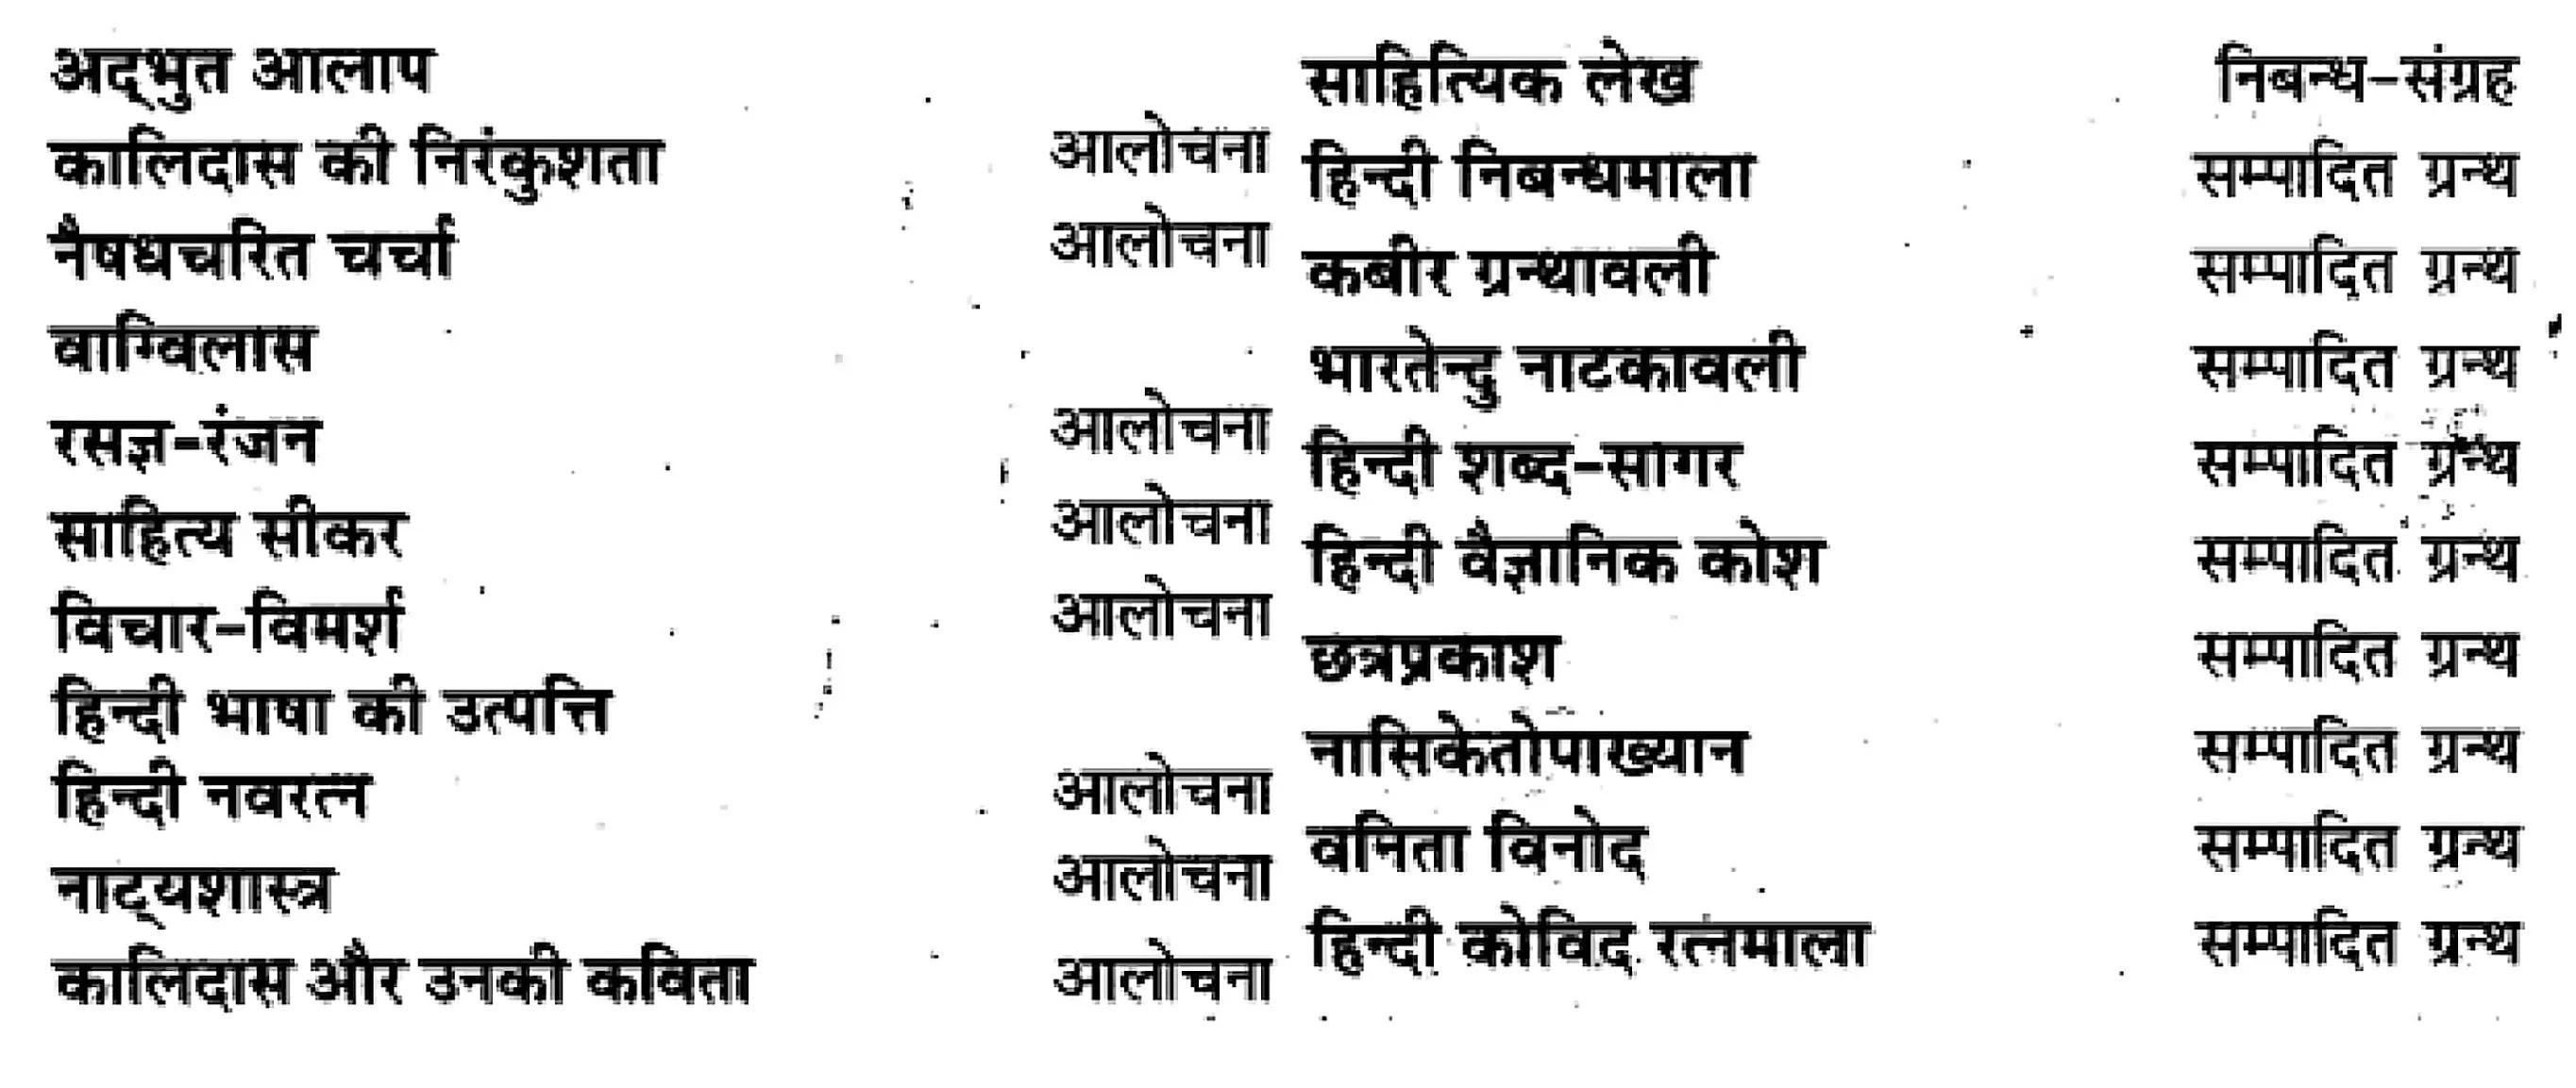 कक्षा 11 साहित्यिक हिंदीगद्य-साहित्य गद्य-गरिमा में संकलित लेखक और उनकी रचनाएँ के नोट्स साहित्यिक हिंदी में एनसीईआरटी समाधान,   class 11 sahityik hindi khand kaavyagady-saahity gady-garima mein sankalit lekhak aur unakee rachanaen,  class 11 sahityik hindi gady-saahity gady-garima mein sankalit lekhak aur unakee rachanaenncert solutions in sahityik hindi,  class 11 sahityik hindi gady-saahity gady-garima mein sankalit lekhak aur unakee rachanaennotes in sahityik hindi,  class 11 sahityik hindi gady-saahity gady-garima mein sankalit lekhak aur unakee rachanaenquestion answer,  class 11 sahityik hindi gady-saahity gady-garima mein sankalit lekhak aur unakee rachanaennotes,  11   class gady-saahity gady-garima mein sankalit lekhak aur unakee rachanaengady-saahity gady-garima mein sankalit lekhak aur unakee rachanaenin sahityik hindi,  class 11 sahityik hindi gady-saahity gady-garima mein sankalit lekhak aur unakee rachanaenin sahityik hindi,  class 11 sahityik hindi gady-saahity gady-garima mein sankalit lekhak aur unakee rachanaenimportant questions in sahityik hindi,  class 11 sahityik hindi gady-saahity gady-garima mein sankalit lekhak aur unakee rachanaen notes in sahityik hindi,  class 11 sahityik hindi gady-saahity gady-garima mein sankalit lekhak aur unakee rachanaentest,  class 11 sahityik hindi  chapter 1 gady-saahity gady-garima mein sankalit lekhak aur unakee rachanaenpdf,  class 11 sahityik hindi gady-saahity gady-garima mein sankalit lekhak aur unakee rachanaennotes pdf,  class 11 sahityik hindi gady-saahity gady-garima mein sankalit lekhak aur unakee rachanaenexercise solutions,  class 11 sahityik hindi khand kaavyagady-saahity gady-garima mein sankalit lekhak aur unakee rachanaen, class 11 sahityik hindi gady-saahity gady-garima mein sankalit lekhak aur unakee rachanaennotes study rankers,  class 11 sahityik hindi gady-saahity gady-garima mein sankalit lekhak aur unakee rachanaennotes,  class 11 sahityik hindi gady-saahity gady-garima mein sankalit lekha